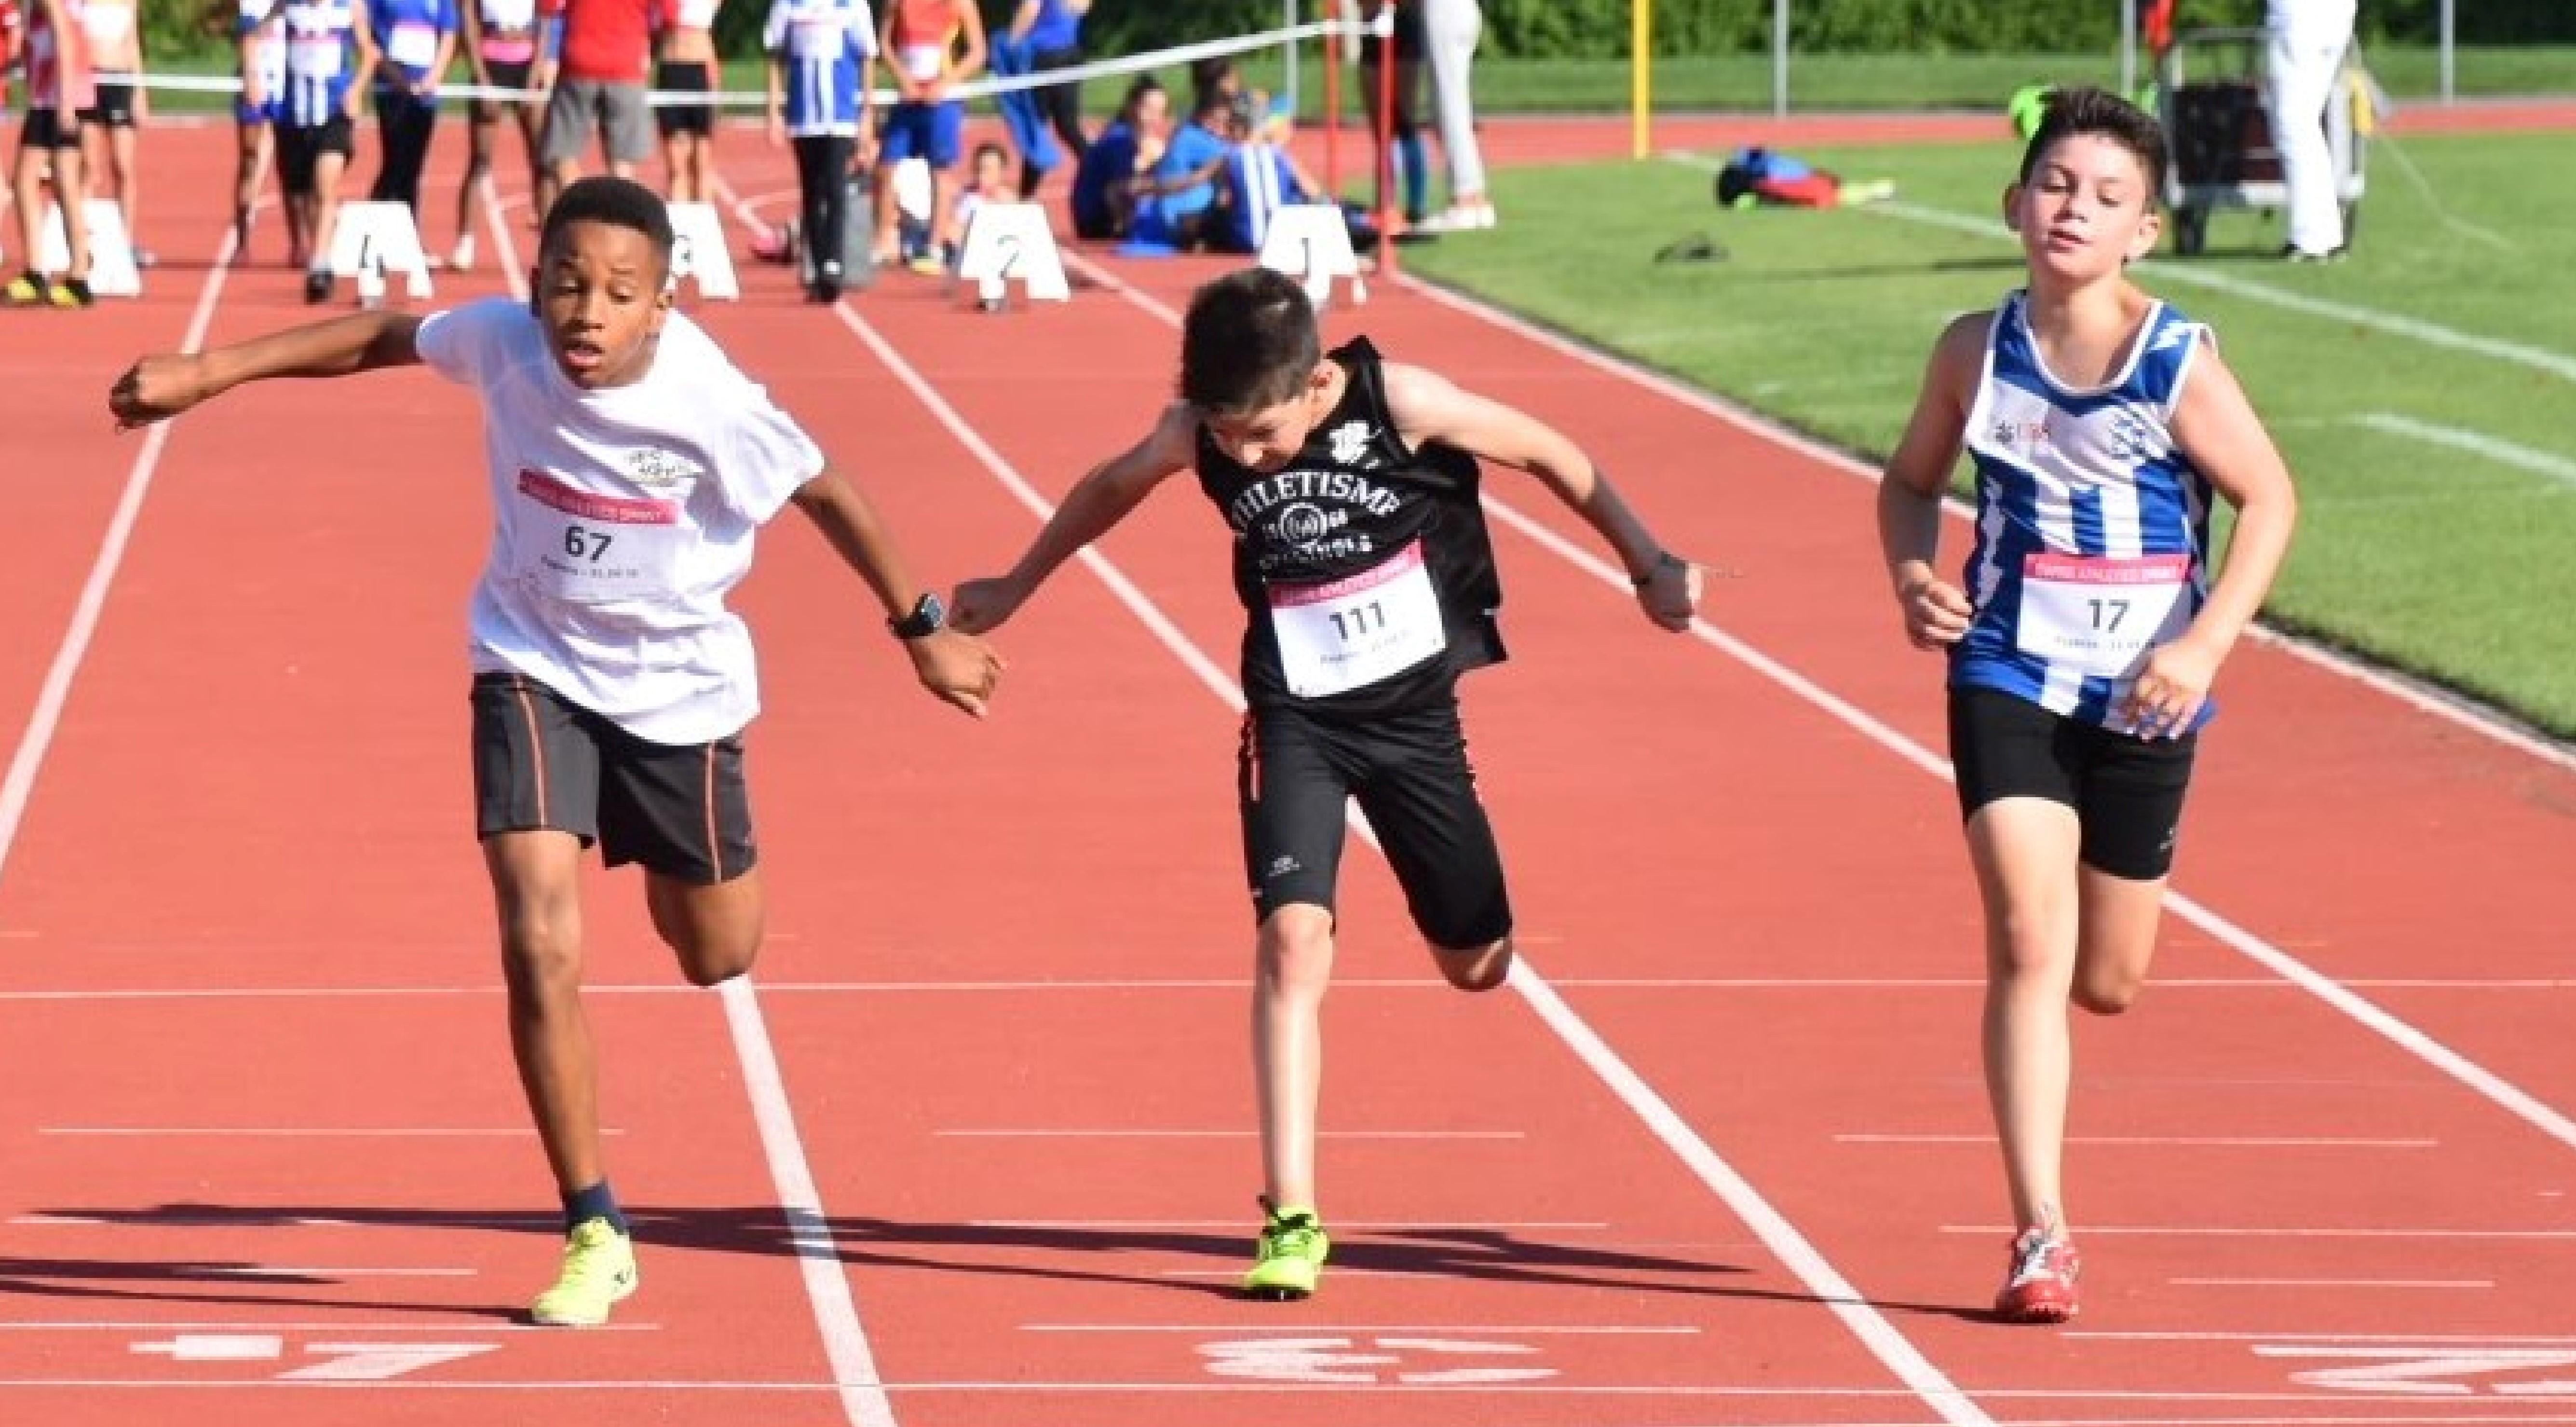 L'écolier vaudois le plus rapide à Payerne